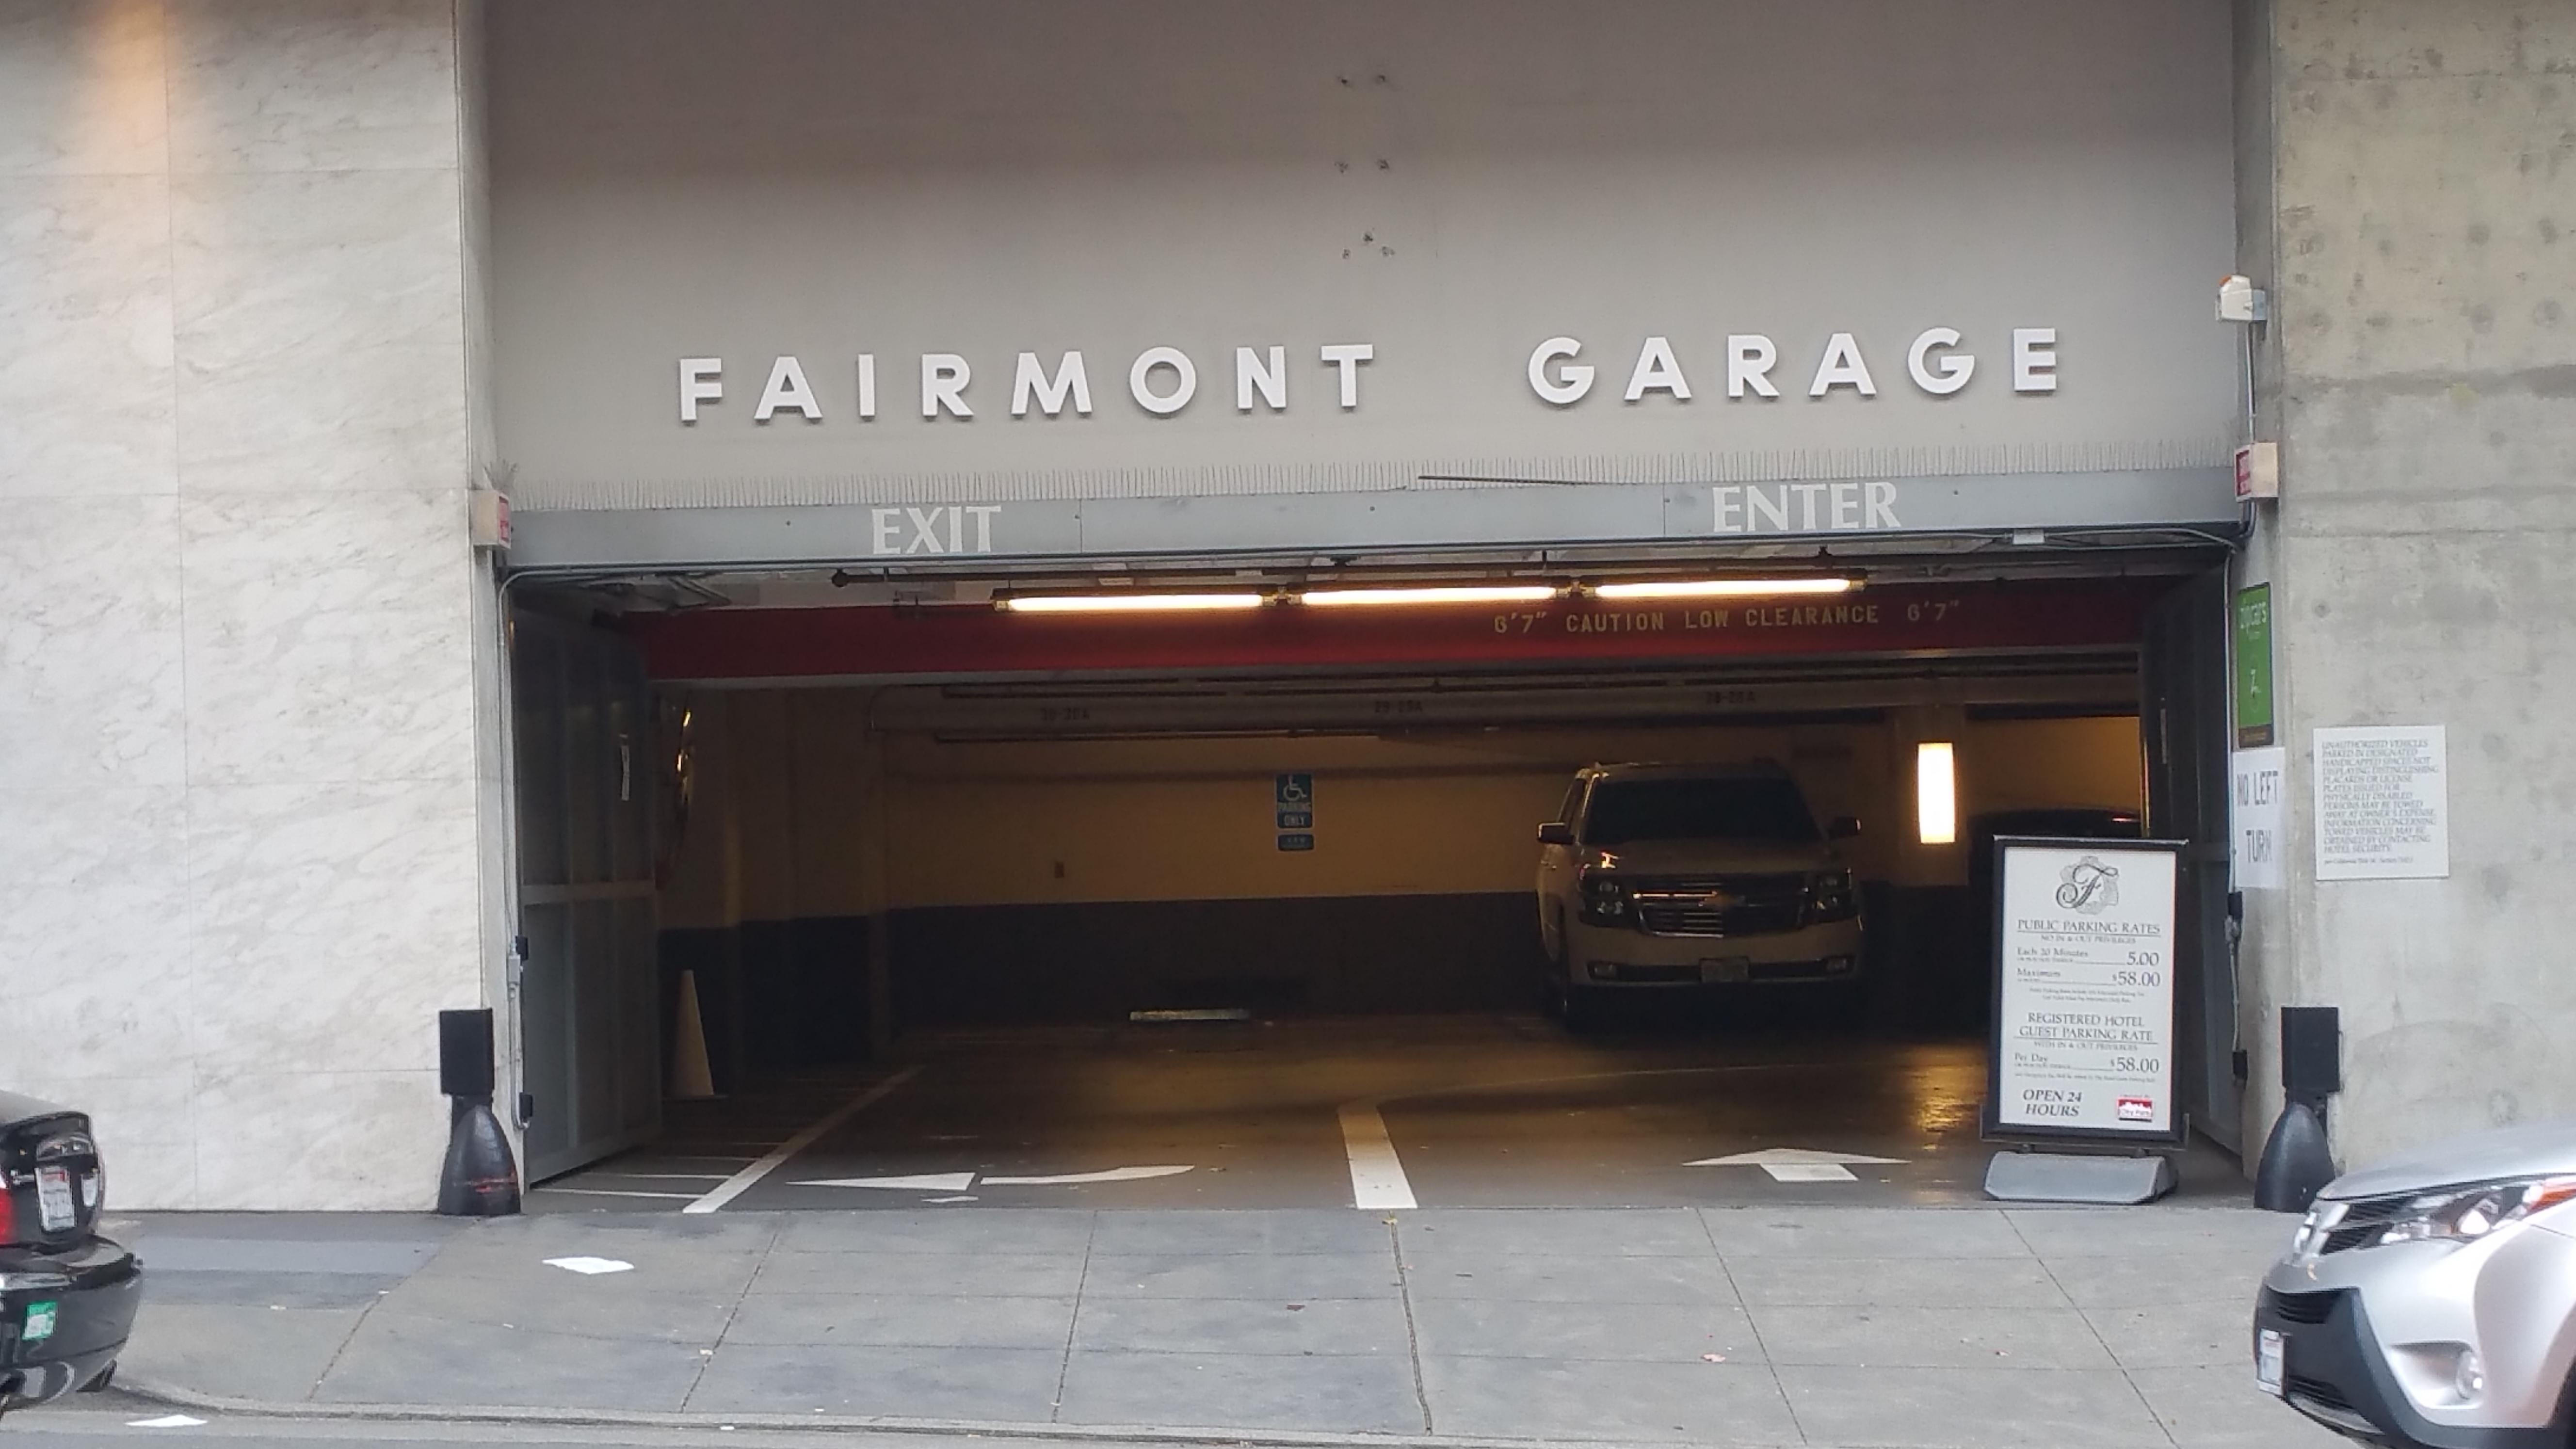 Fairmont Garage Lot 350 Parking In San Francisco Parkme